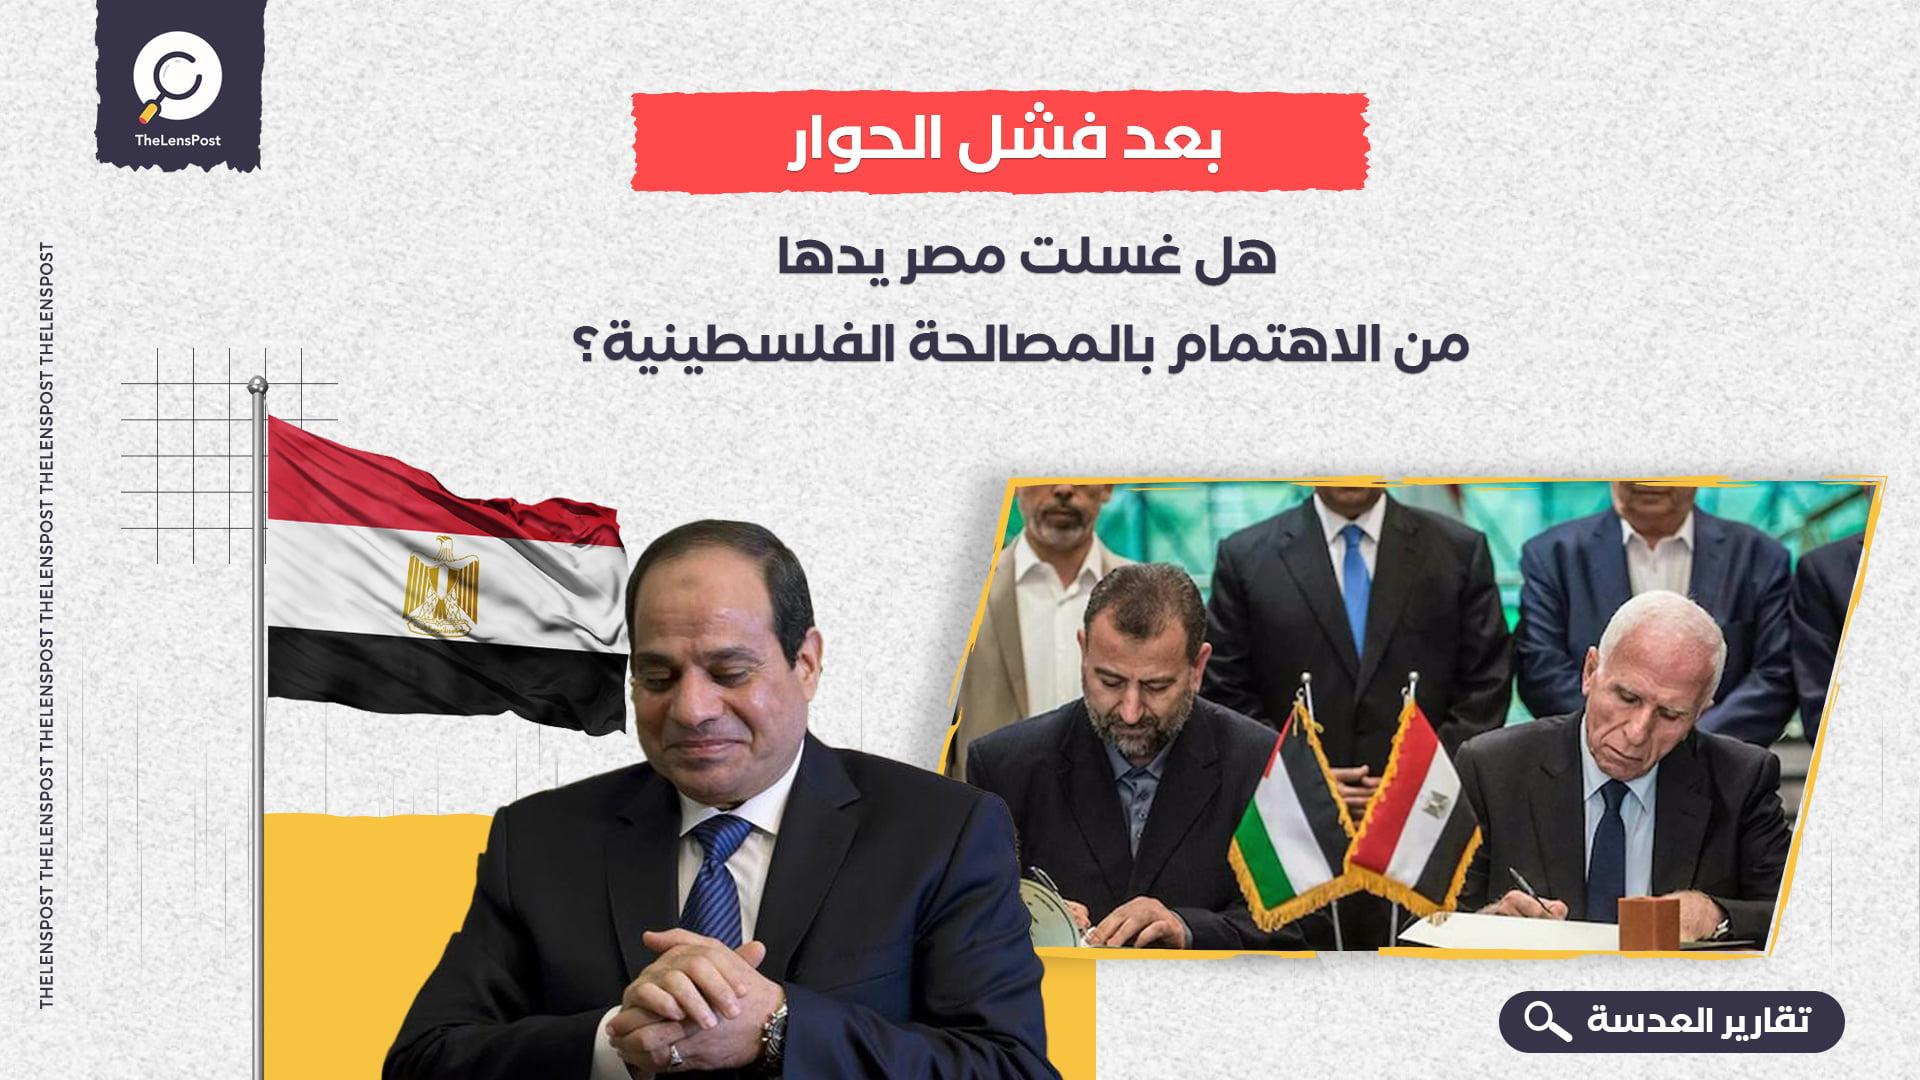 بعد فشل الحوار.. هل غسلت مصر يدها من الاهتمام بالمصالحة الفلسطينية؟